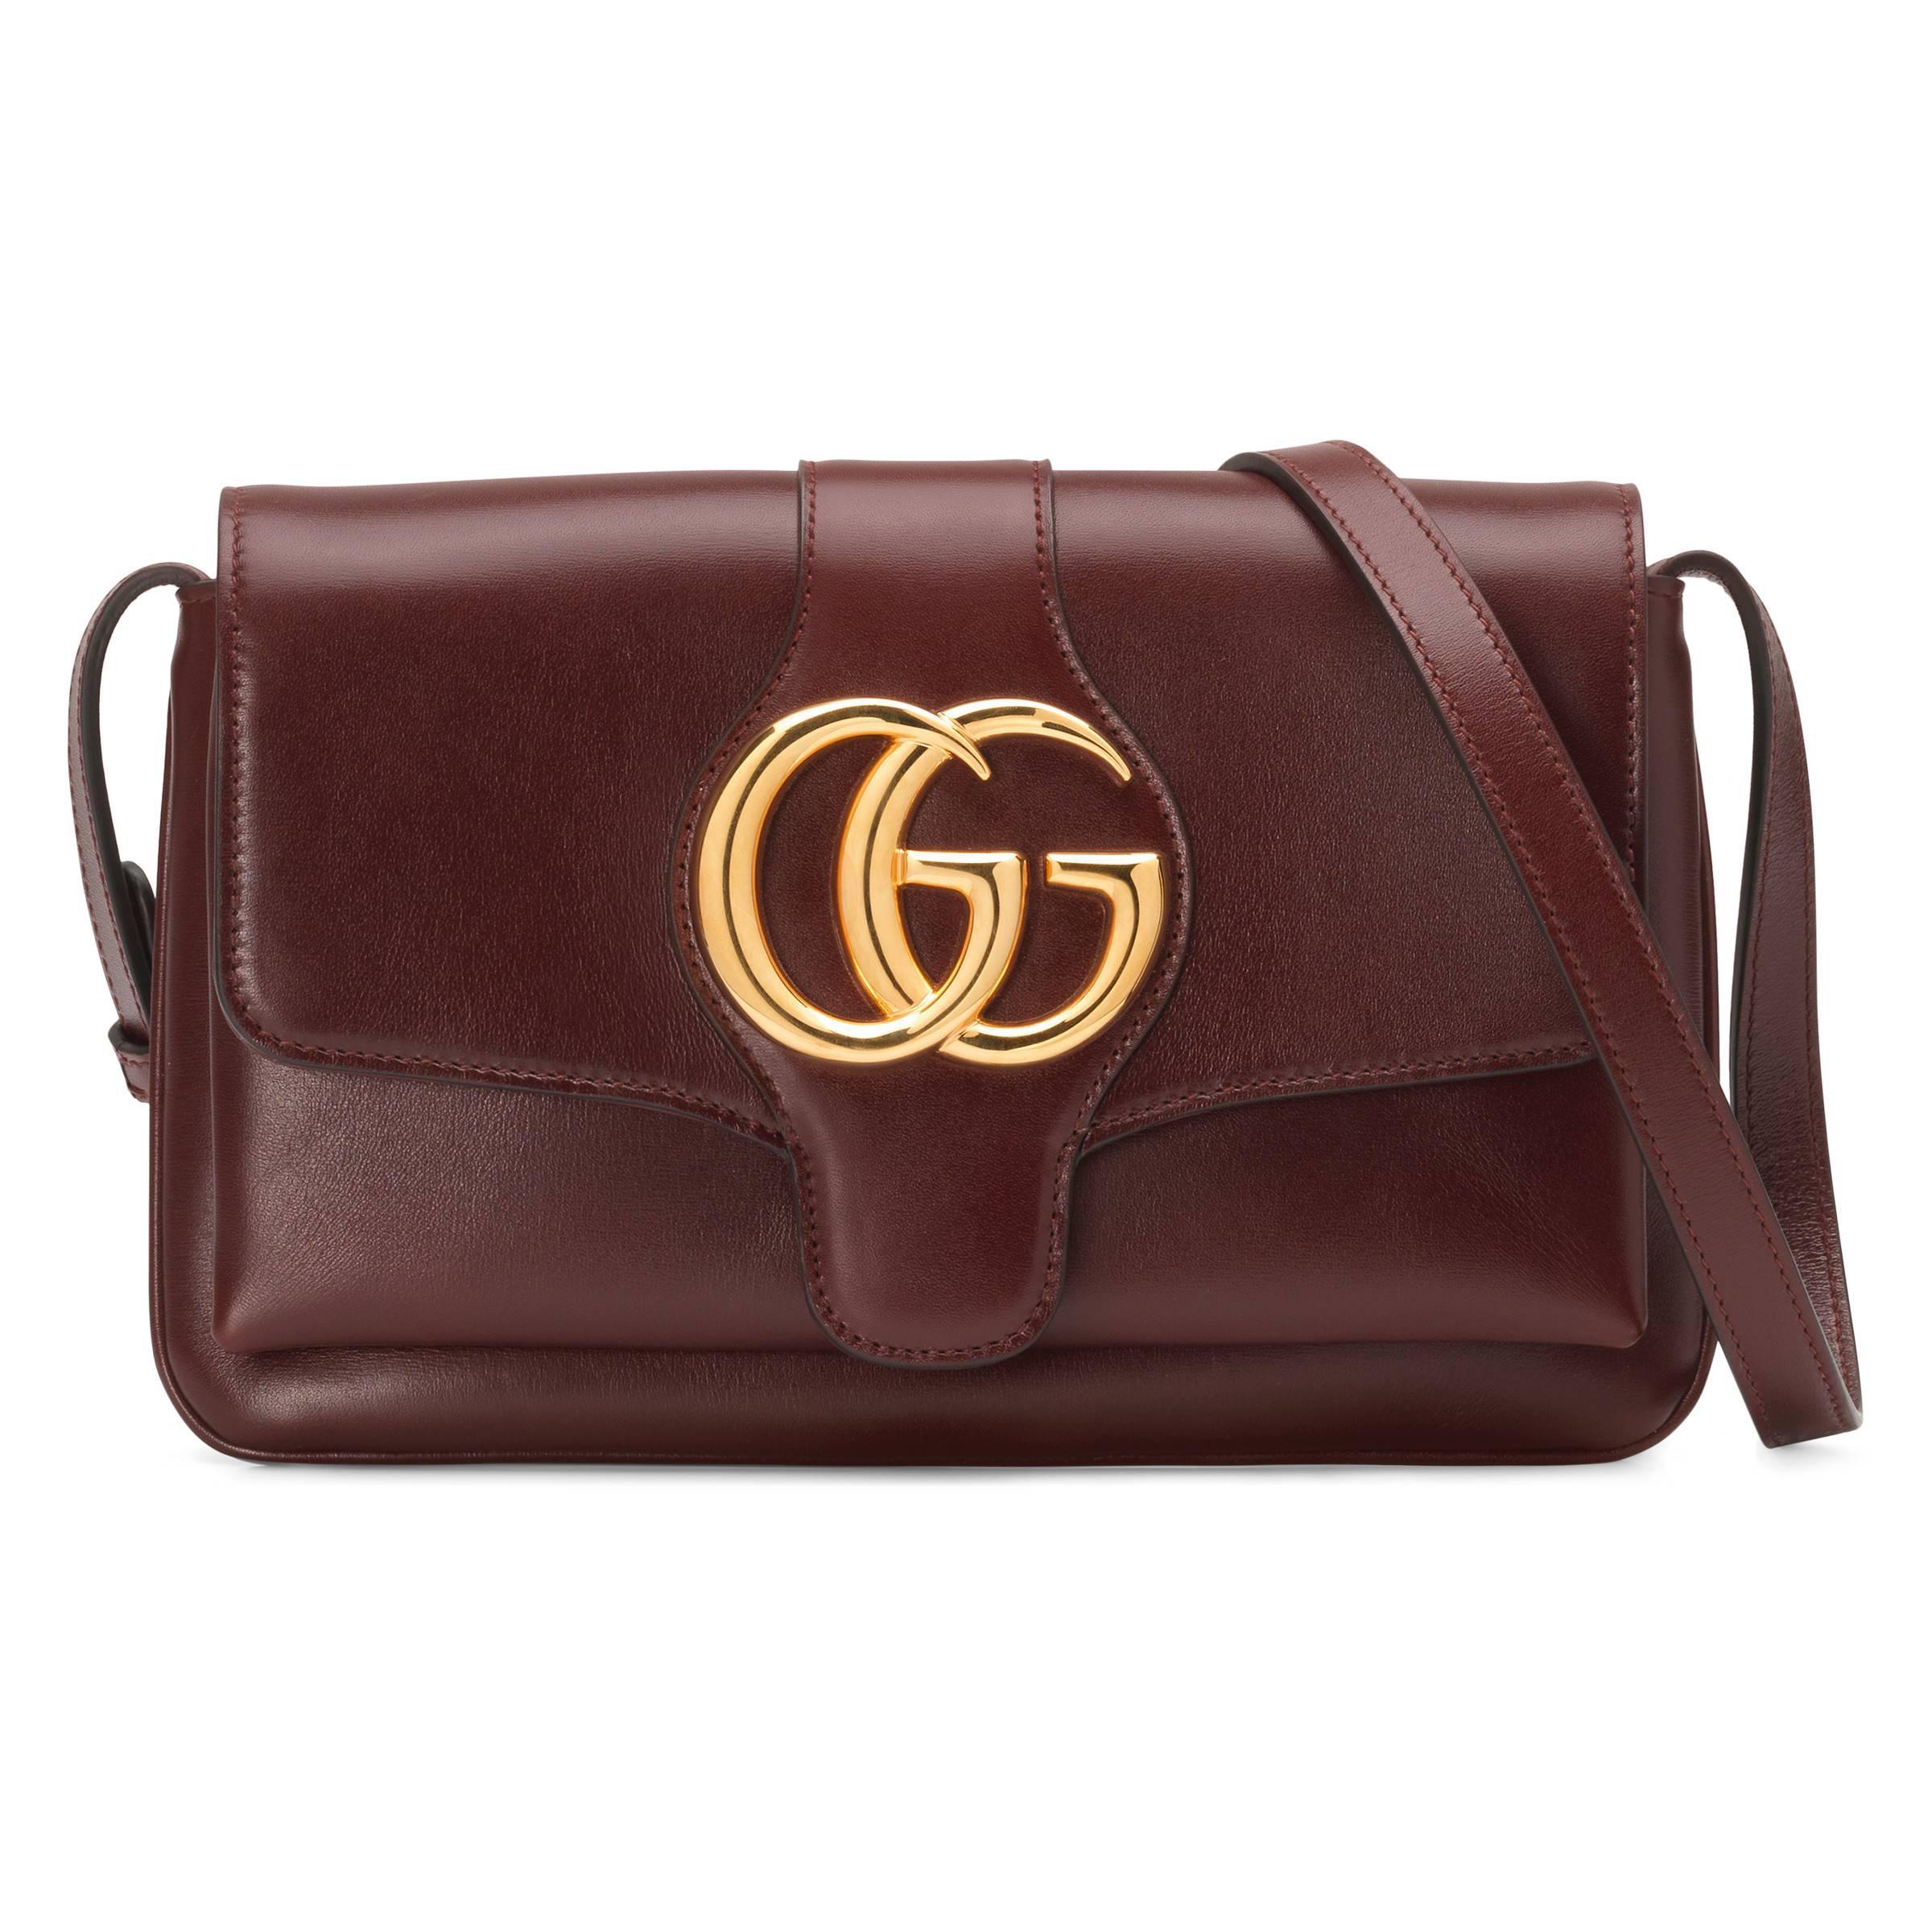 3bb4ead3baf Gucci - Multicolor Arli Small Shoulder Bag - Lyst. View fullscreen